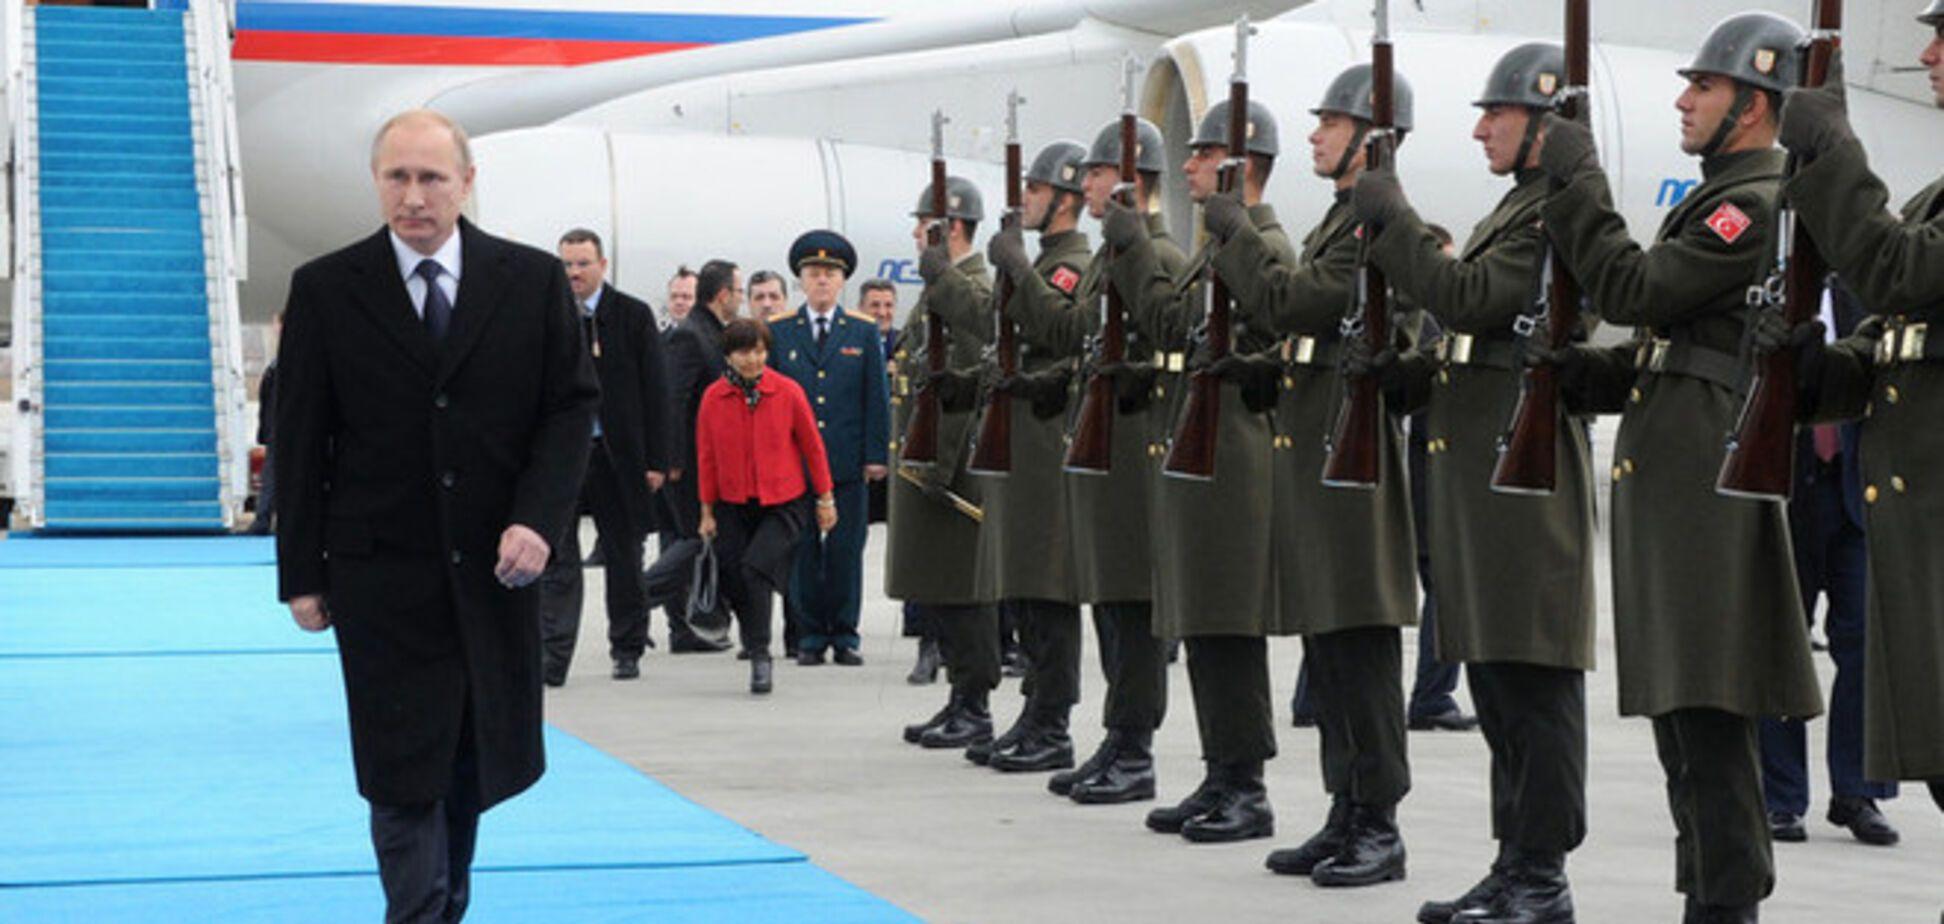 Украина - Россия: как Россия могла так поступить?